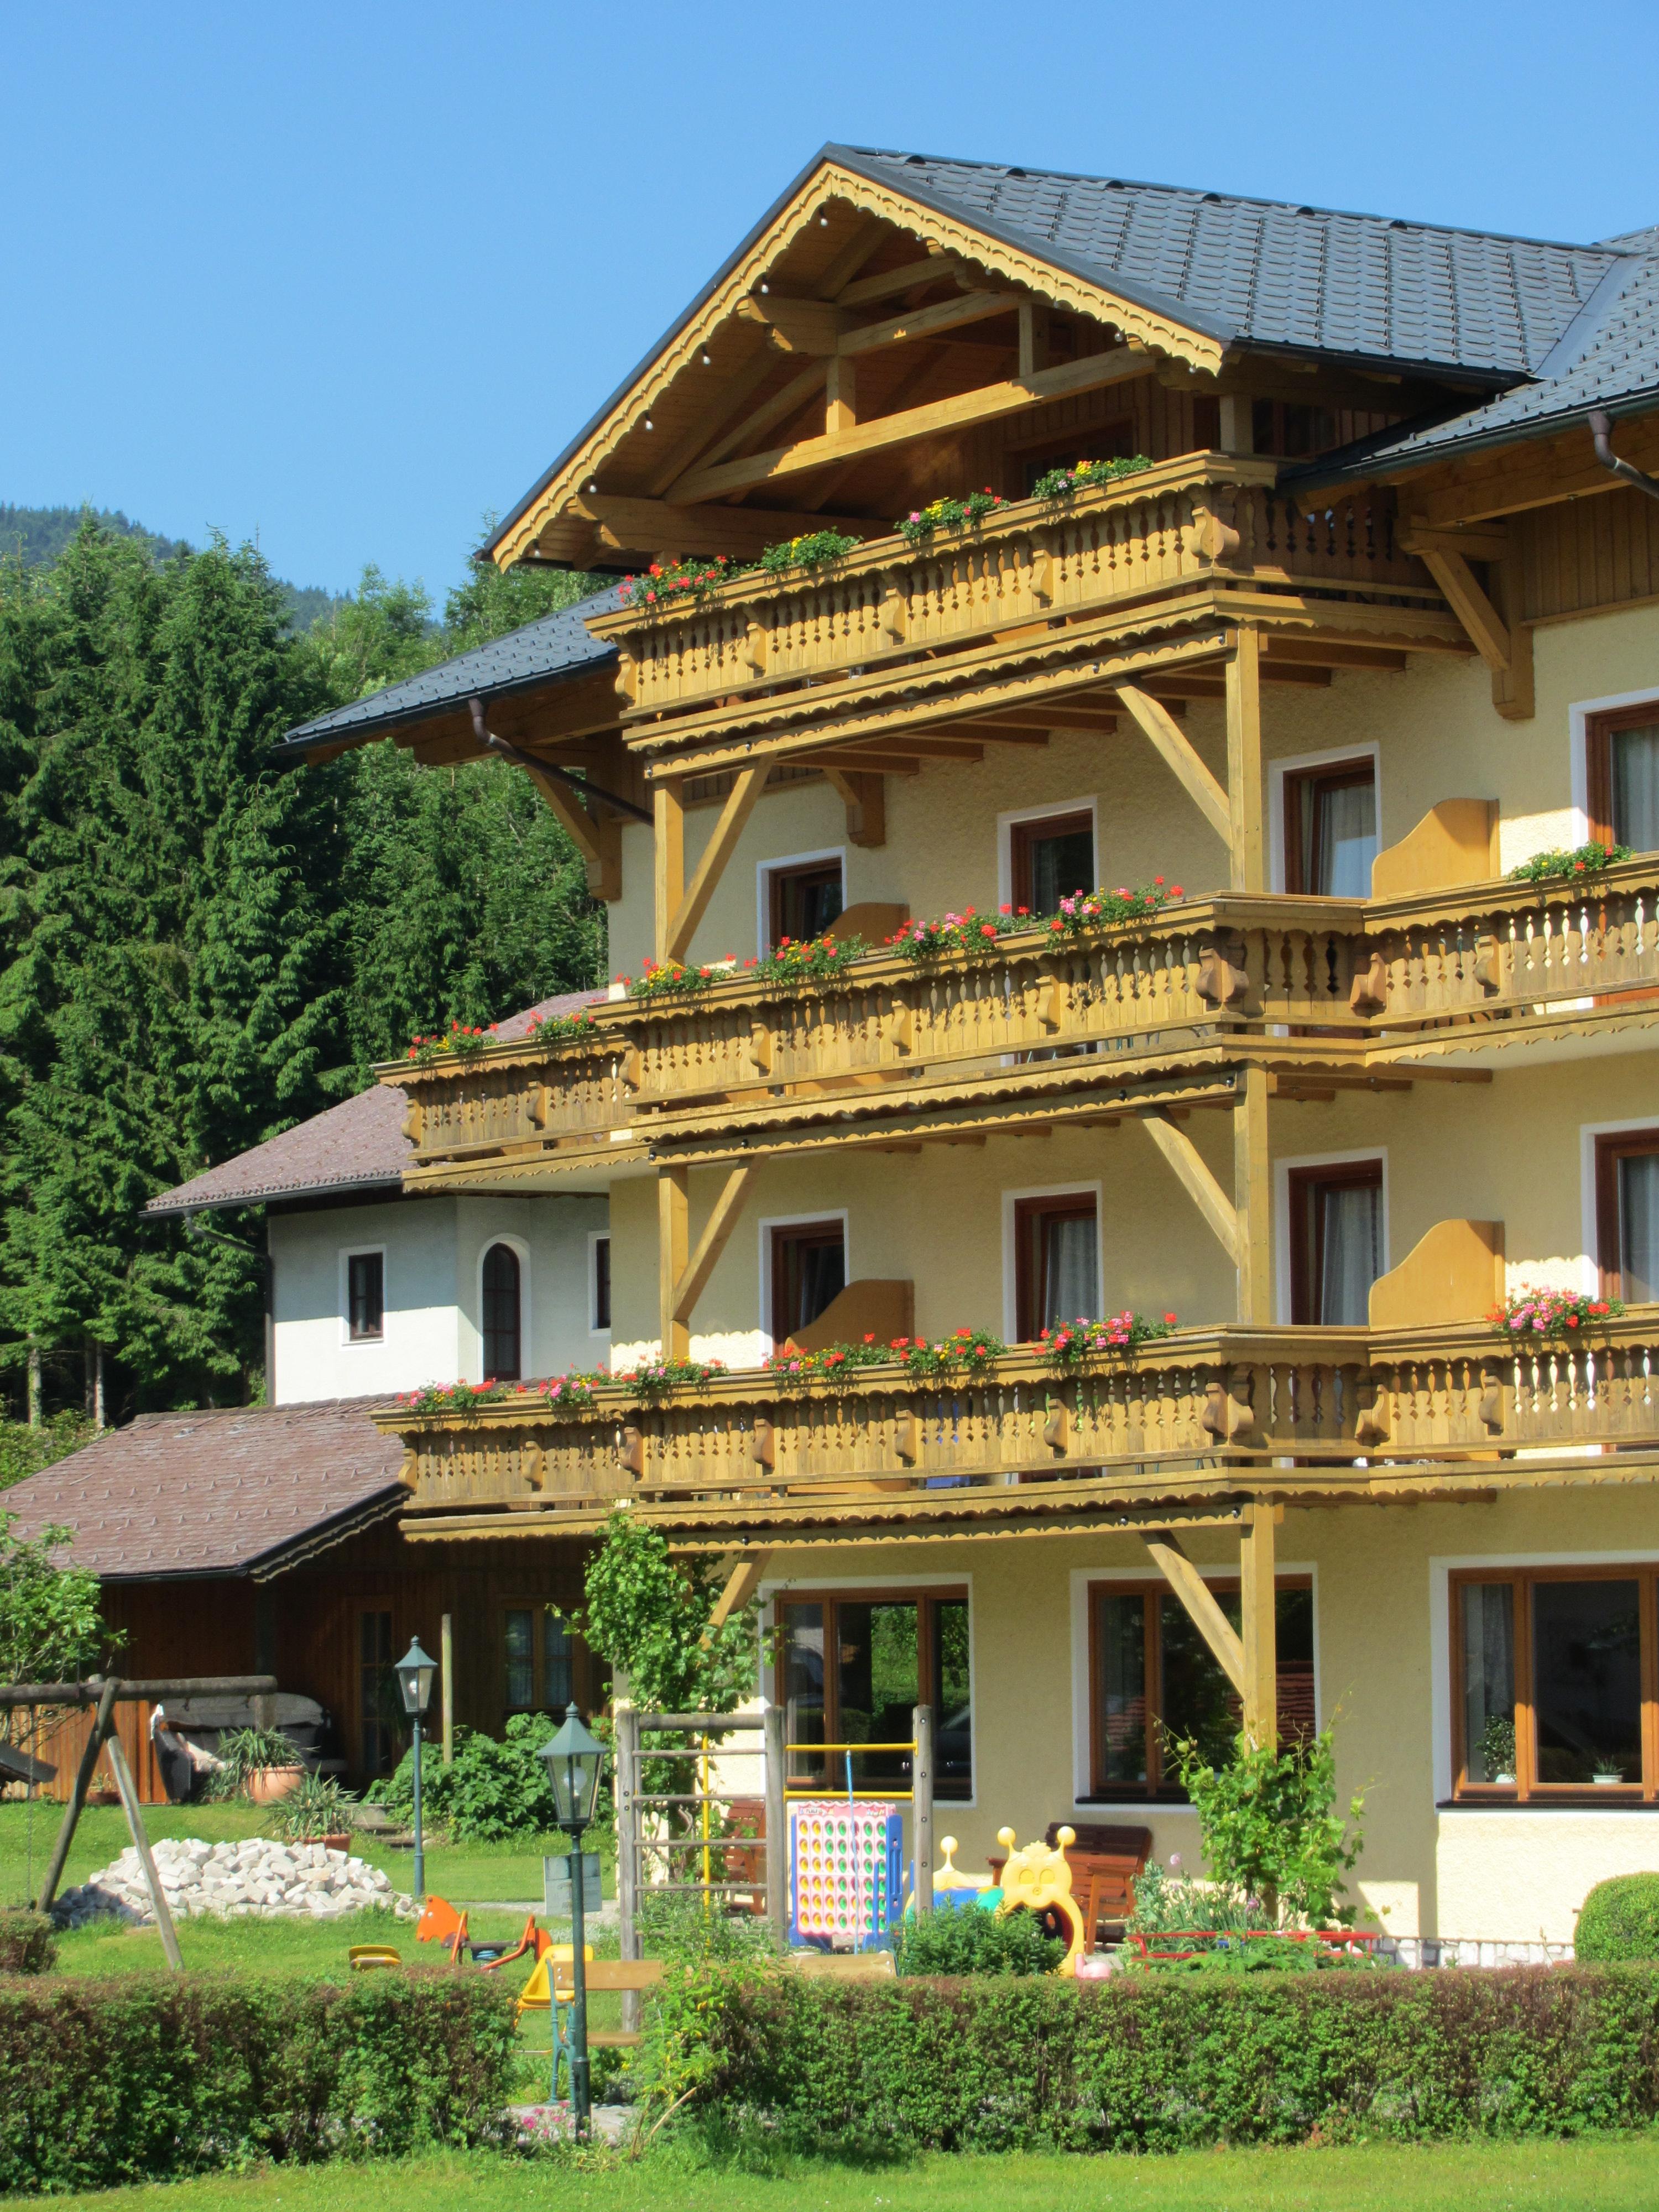 lakeside landscapes and villages upper austria s. Black Bedroom Furniture Sets. Home Design Ideas